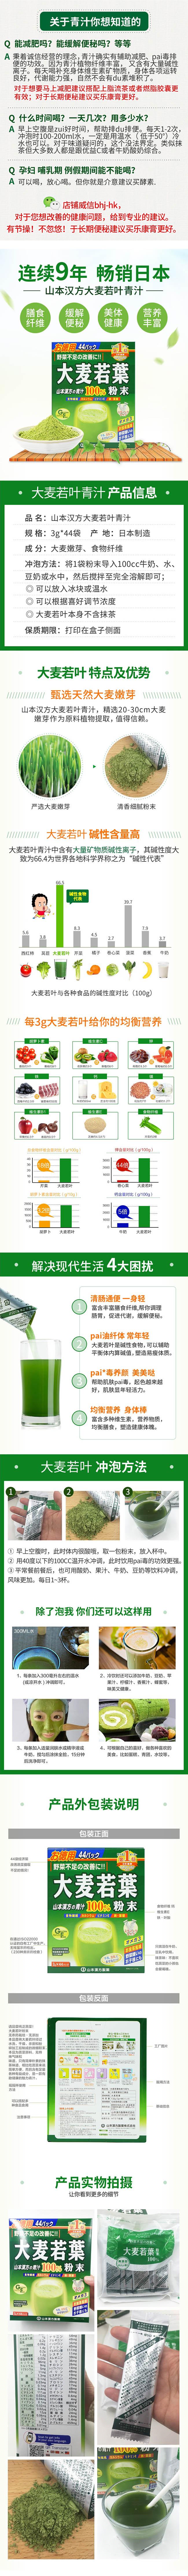 日本汉方大麦若叶青汁润肠碱性茶44包-1.jpg